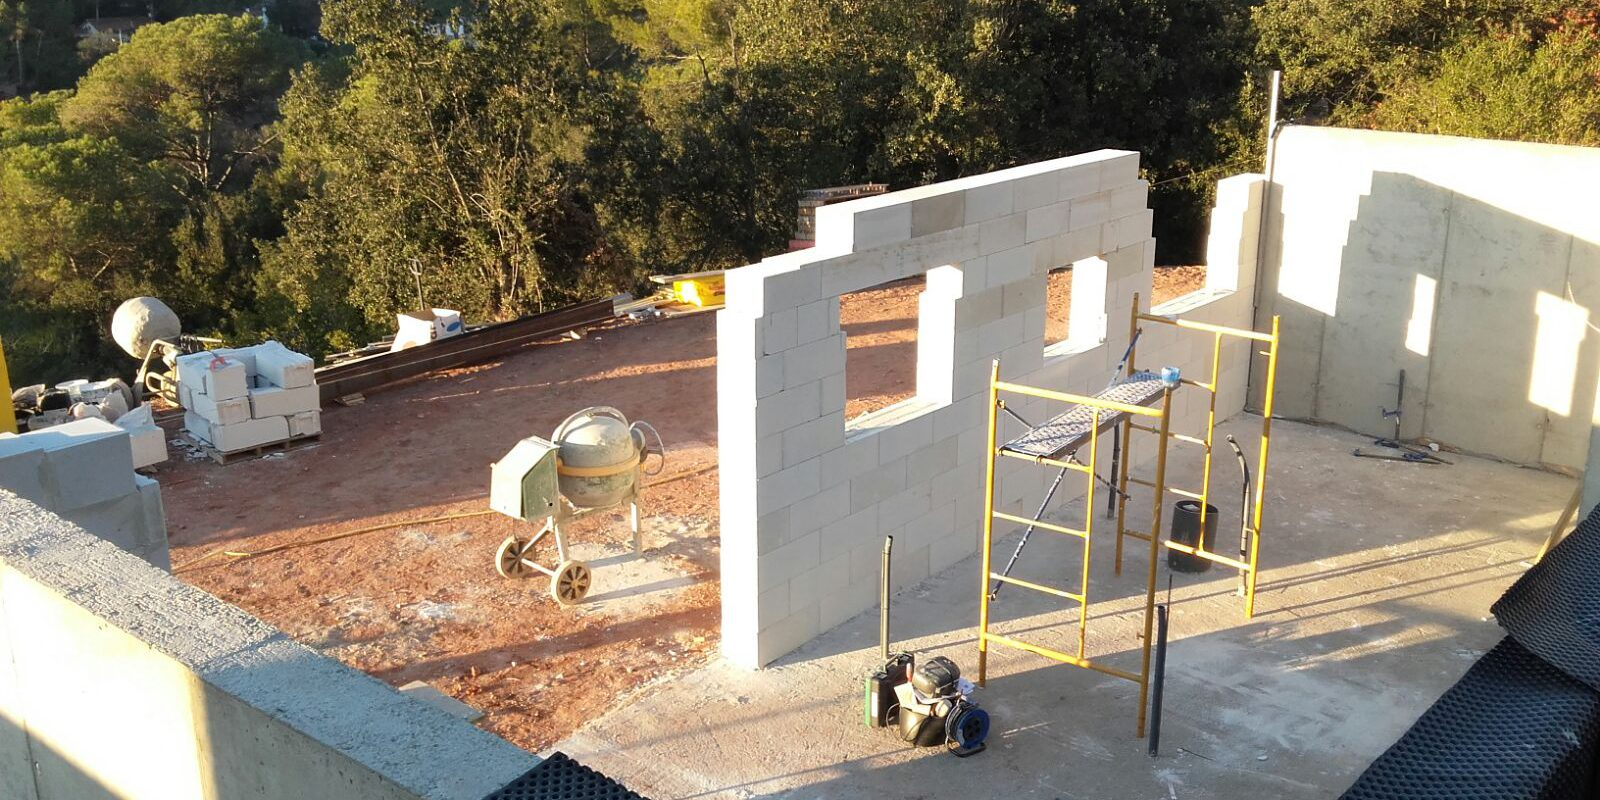 Casas prefabricadas de hormig n construimos tu casa - Casas modulares de hormigon ...